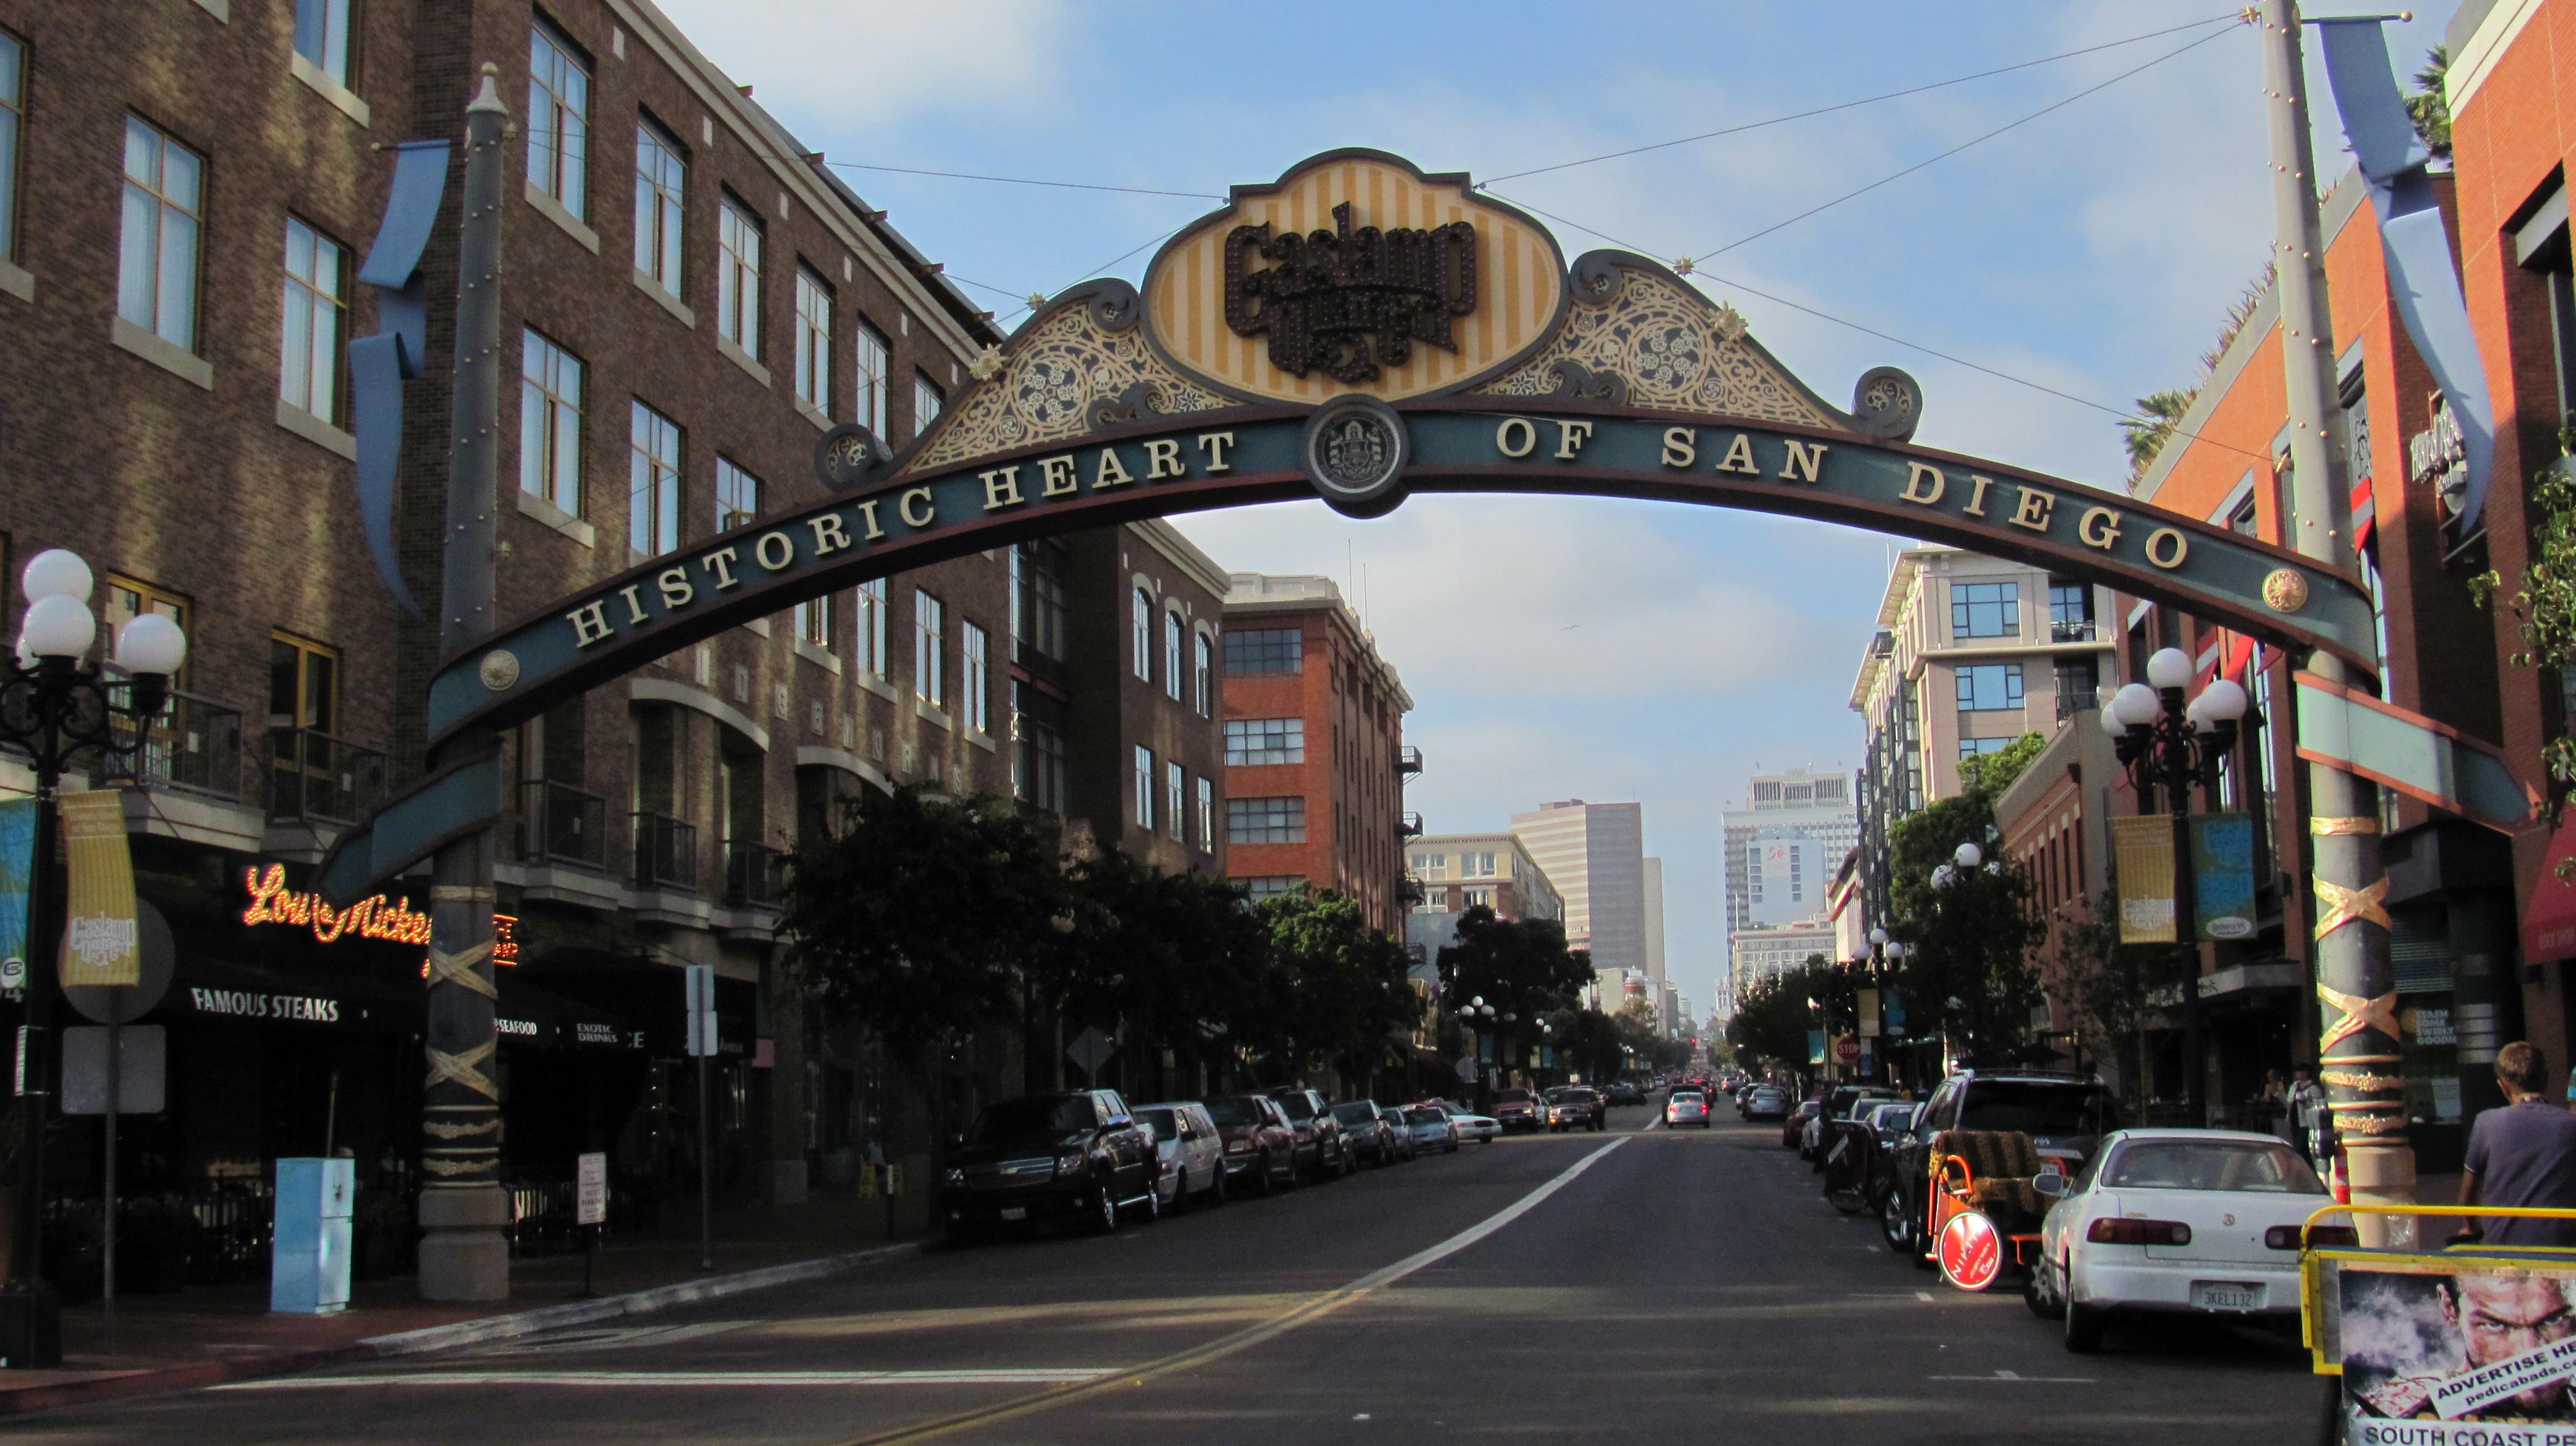 San Diego / Amerika Birleşik Devletleri / 2010